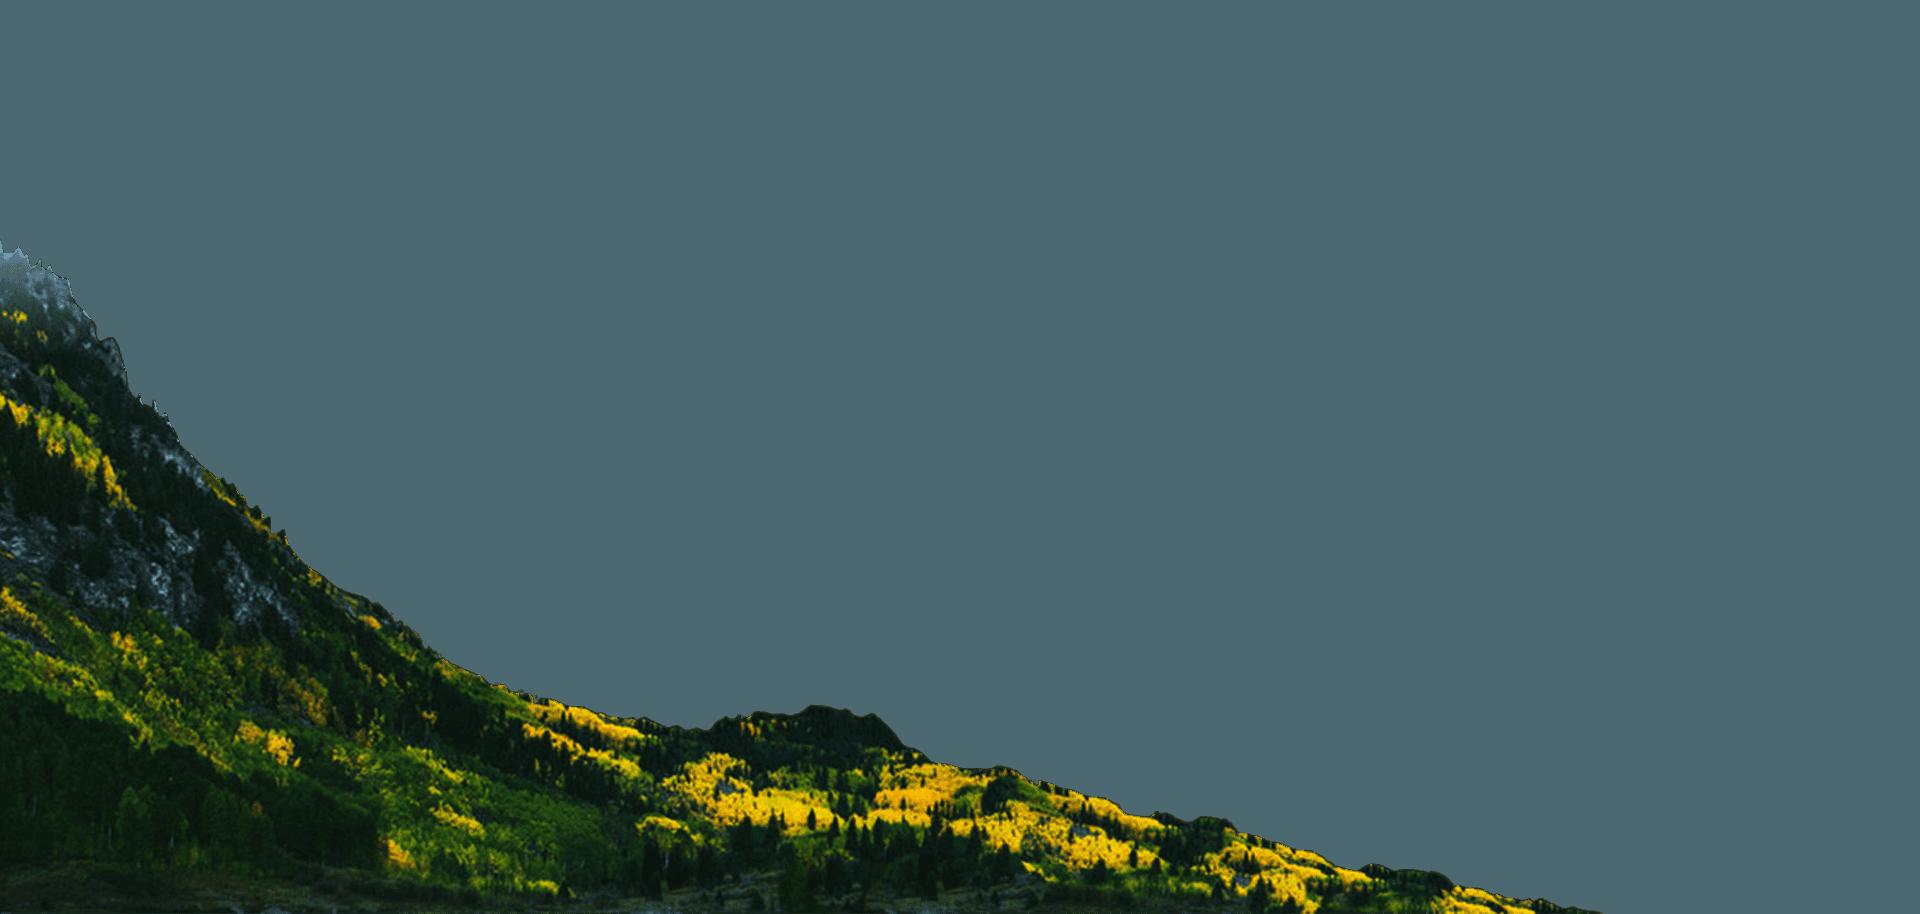 Spirits by oskar blues. Hills clipart tall mountain